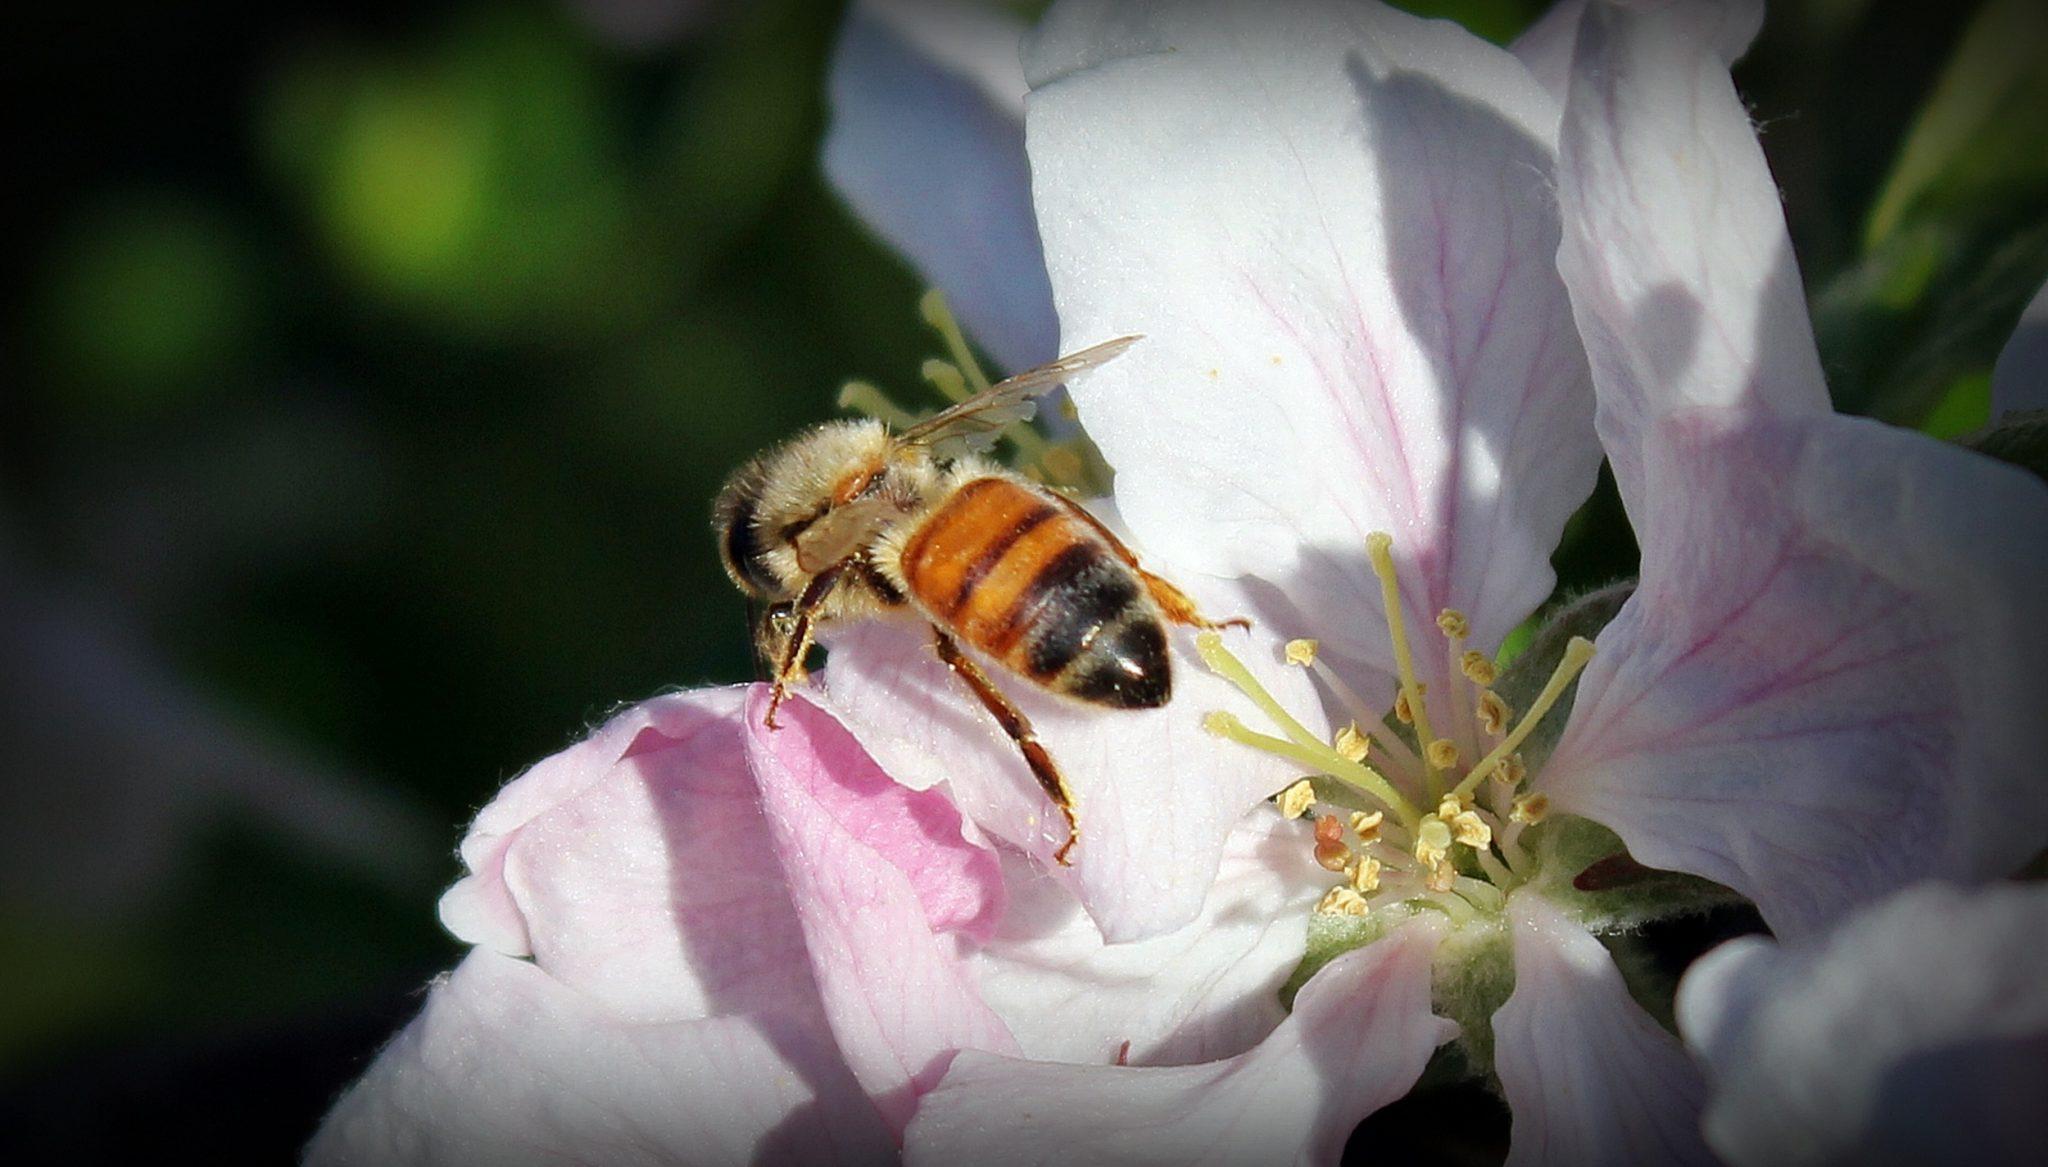 Jus de Fruits artisanal haut de gamme naturel Chateau du Clau abeillec